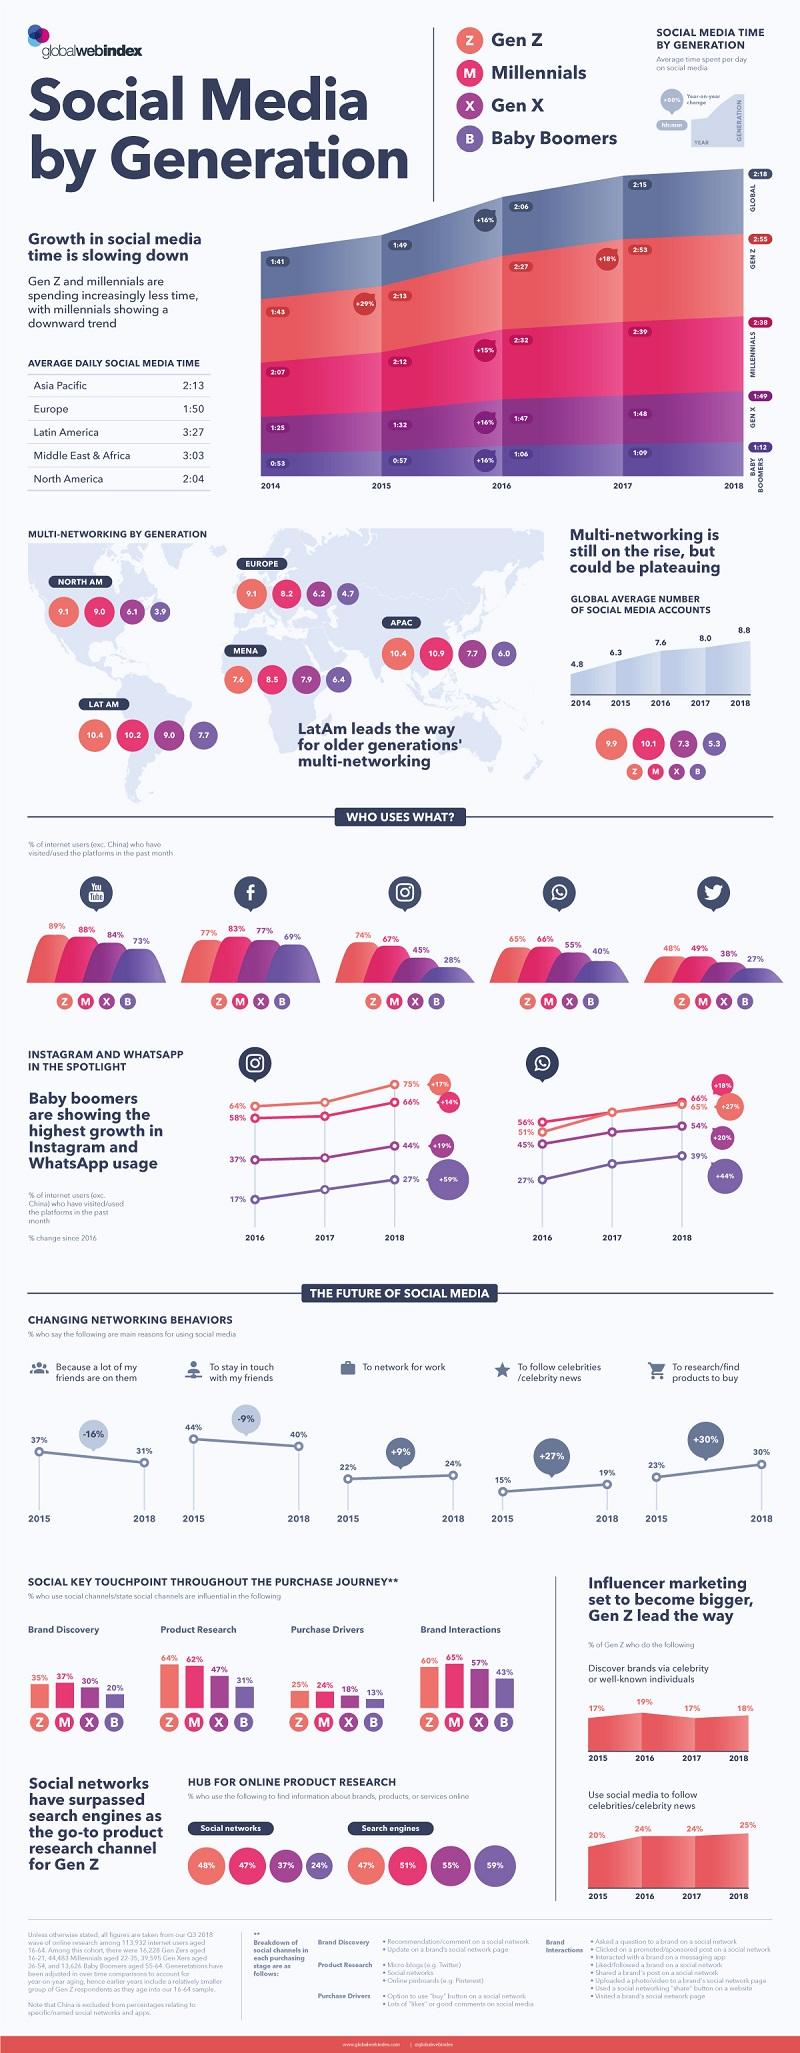 Social media usage trends